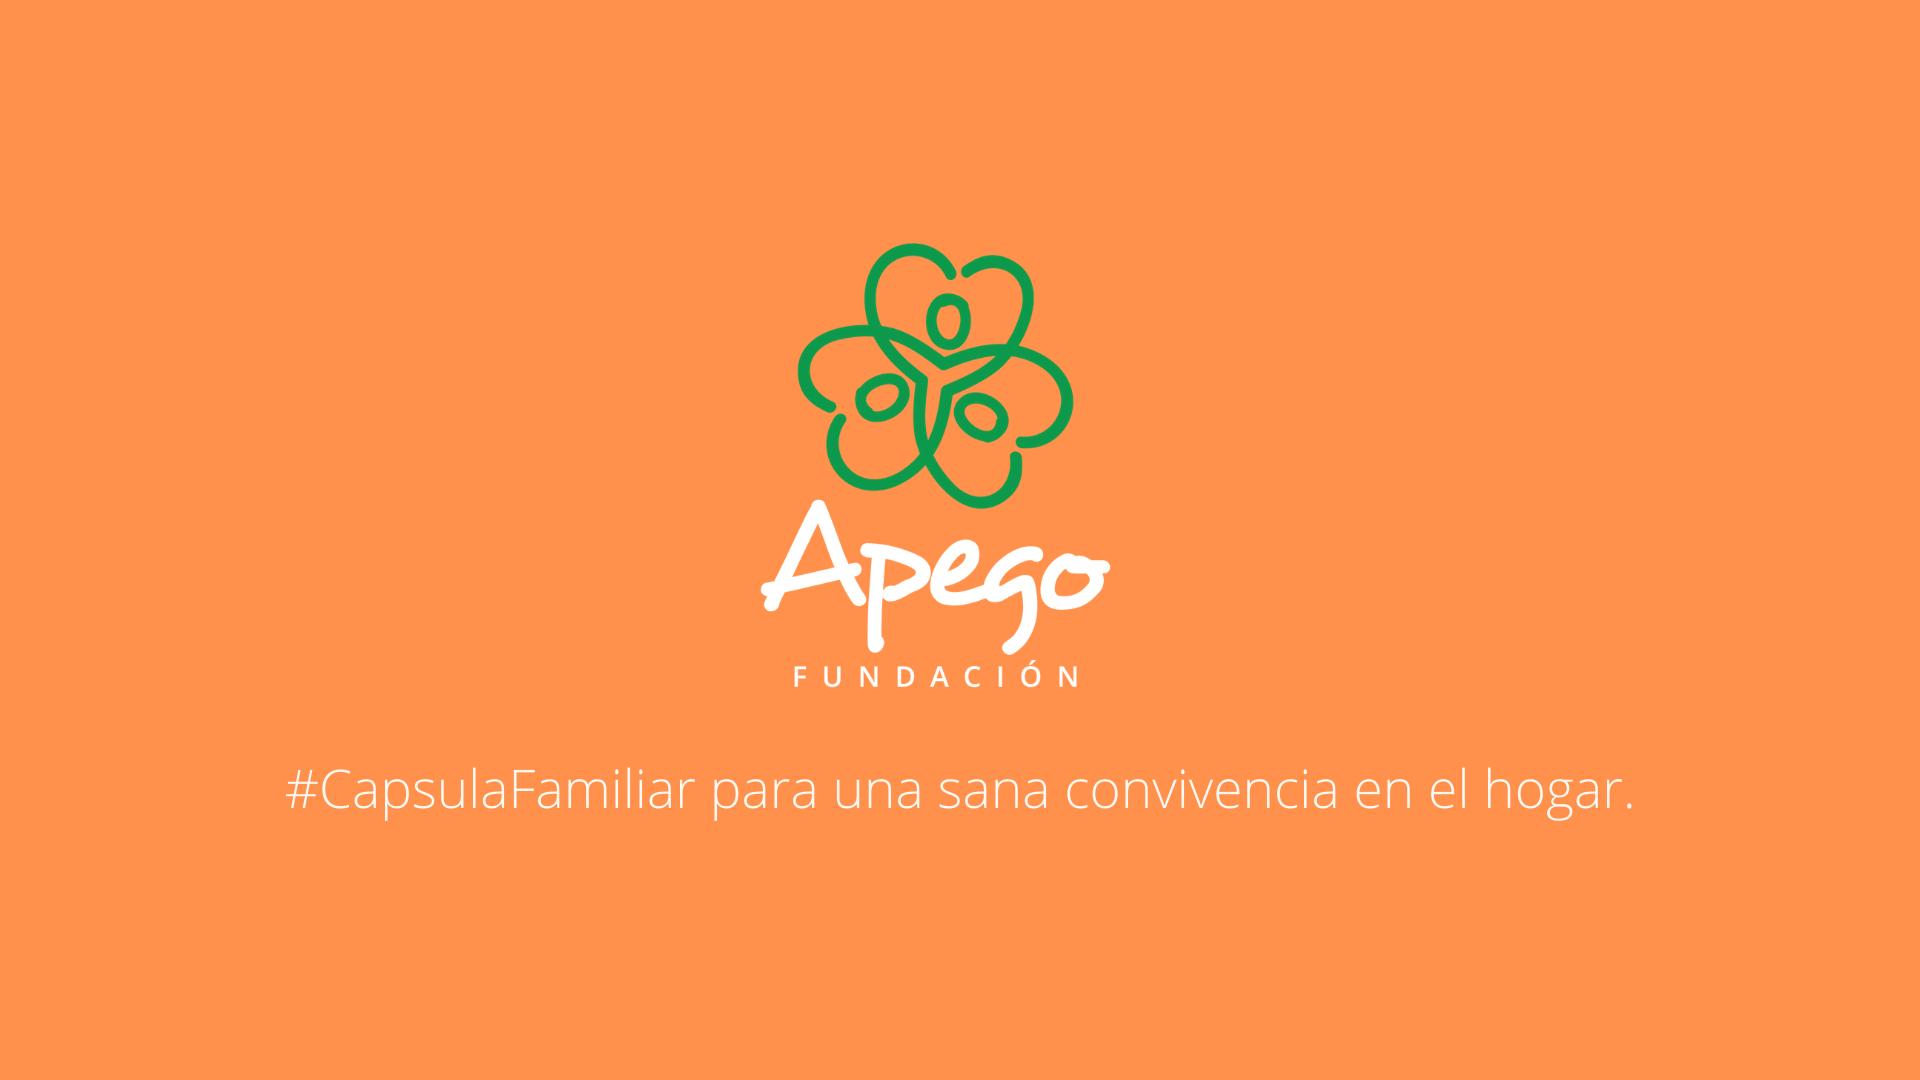 Imagen alusiva a Síguenos en nuestras redes sociales como @FundApego